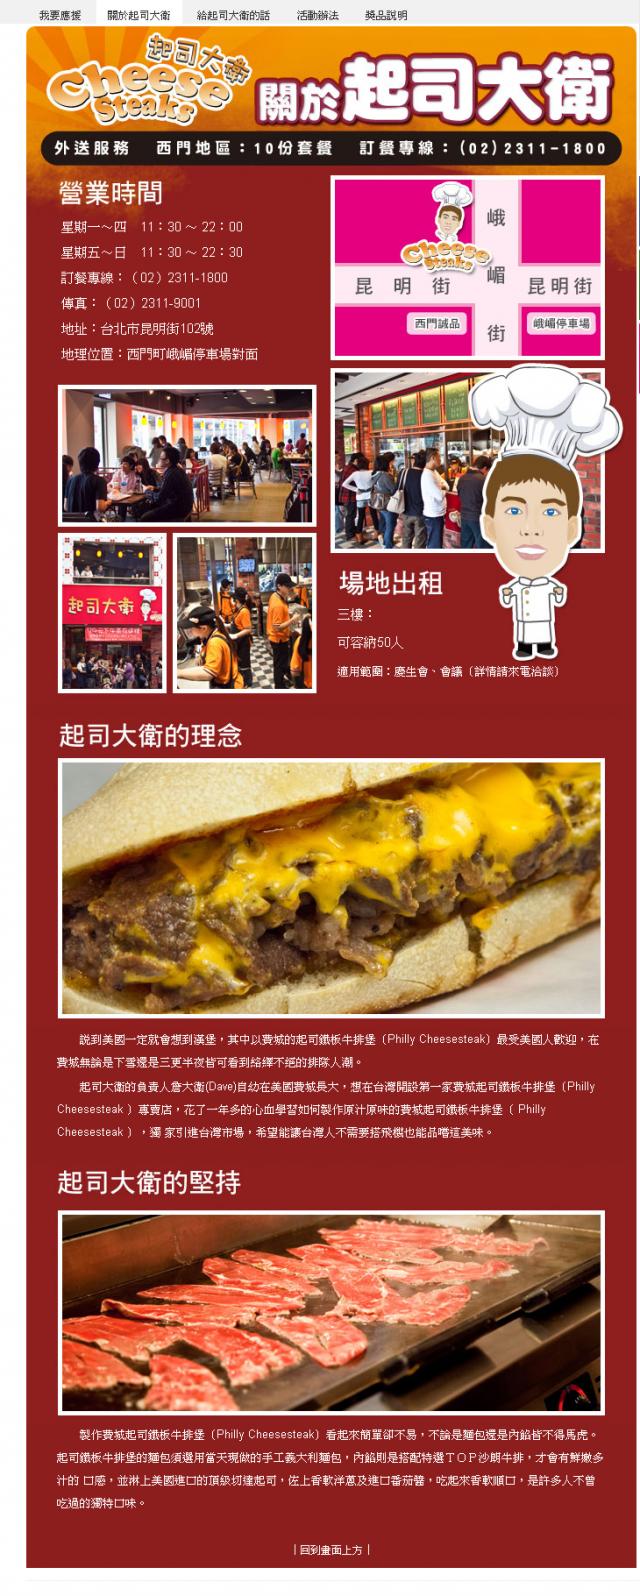 起司大衛美式漢堡專賣店菜單設計規劃及開店輔導